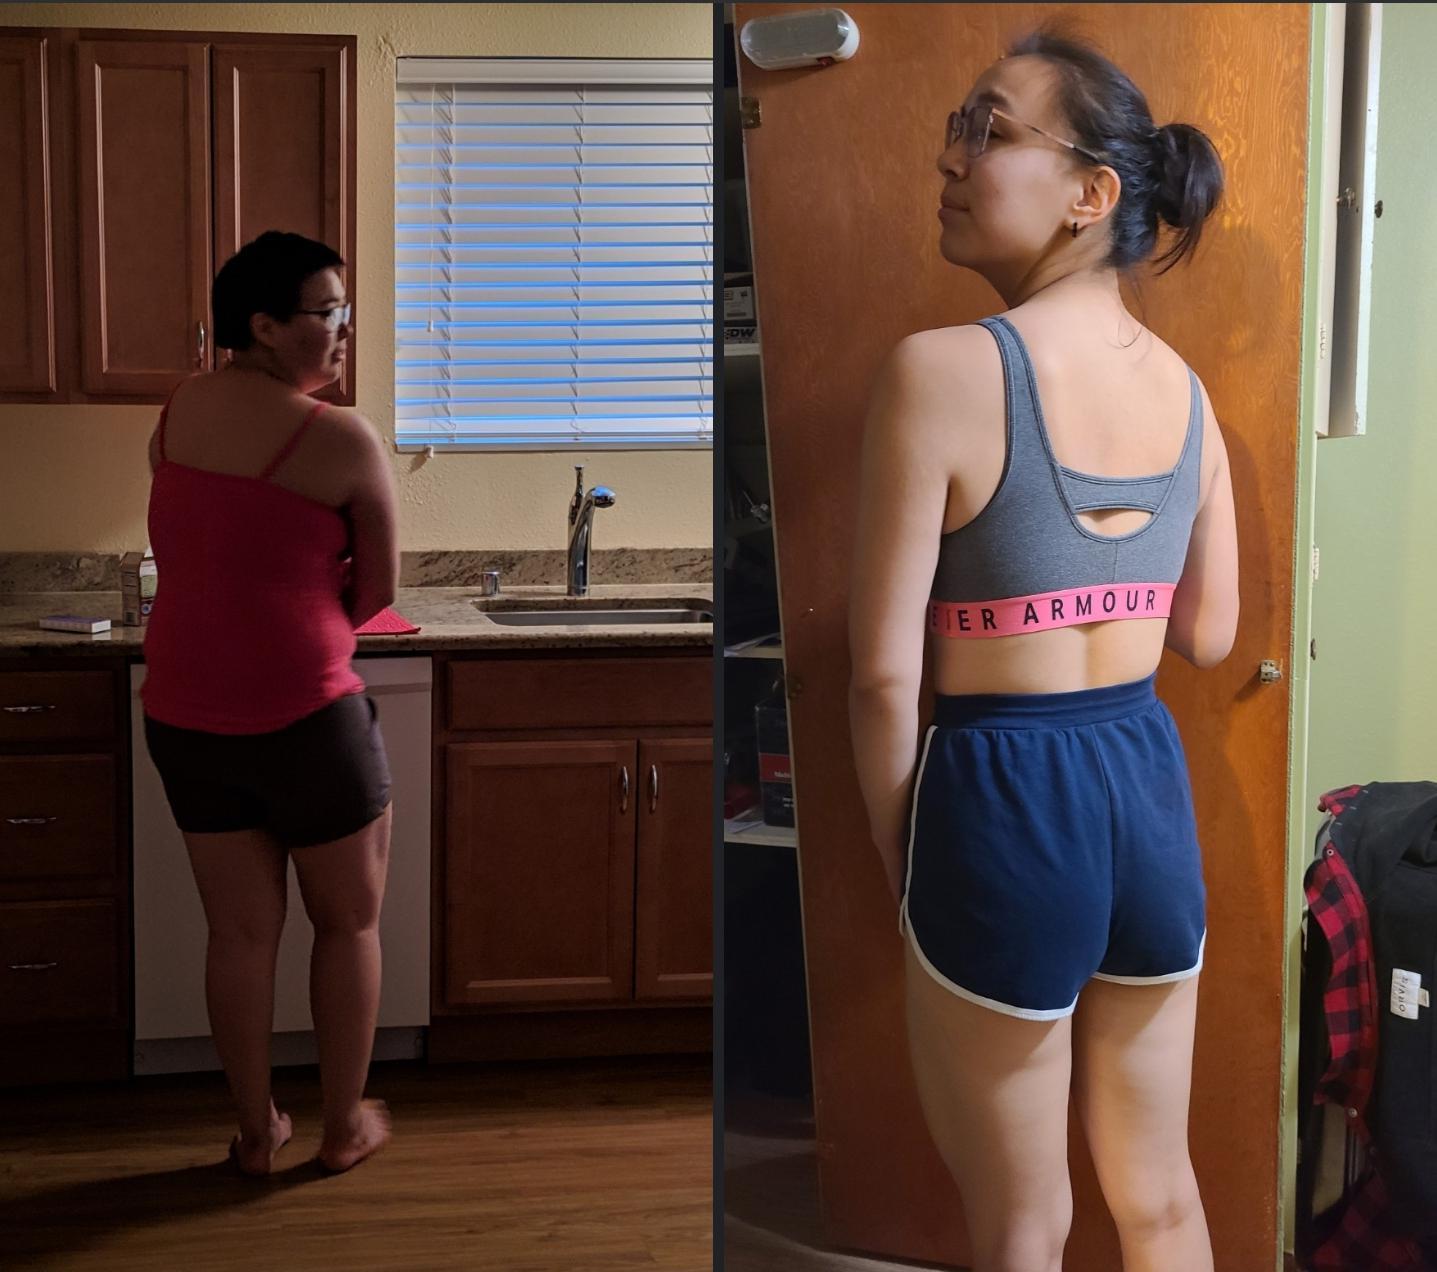 Progress Pics of 78 lbs Fat Loss 5'7 Female 223 lbs to 145 lbs